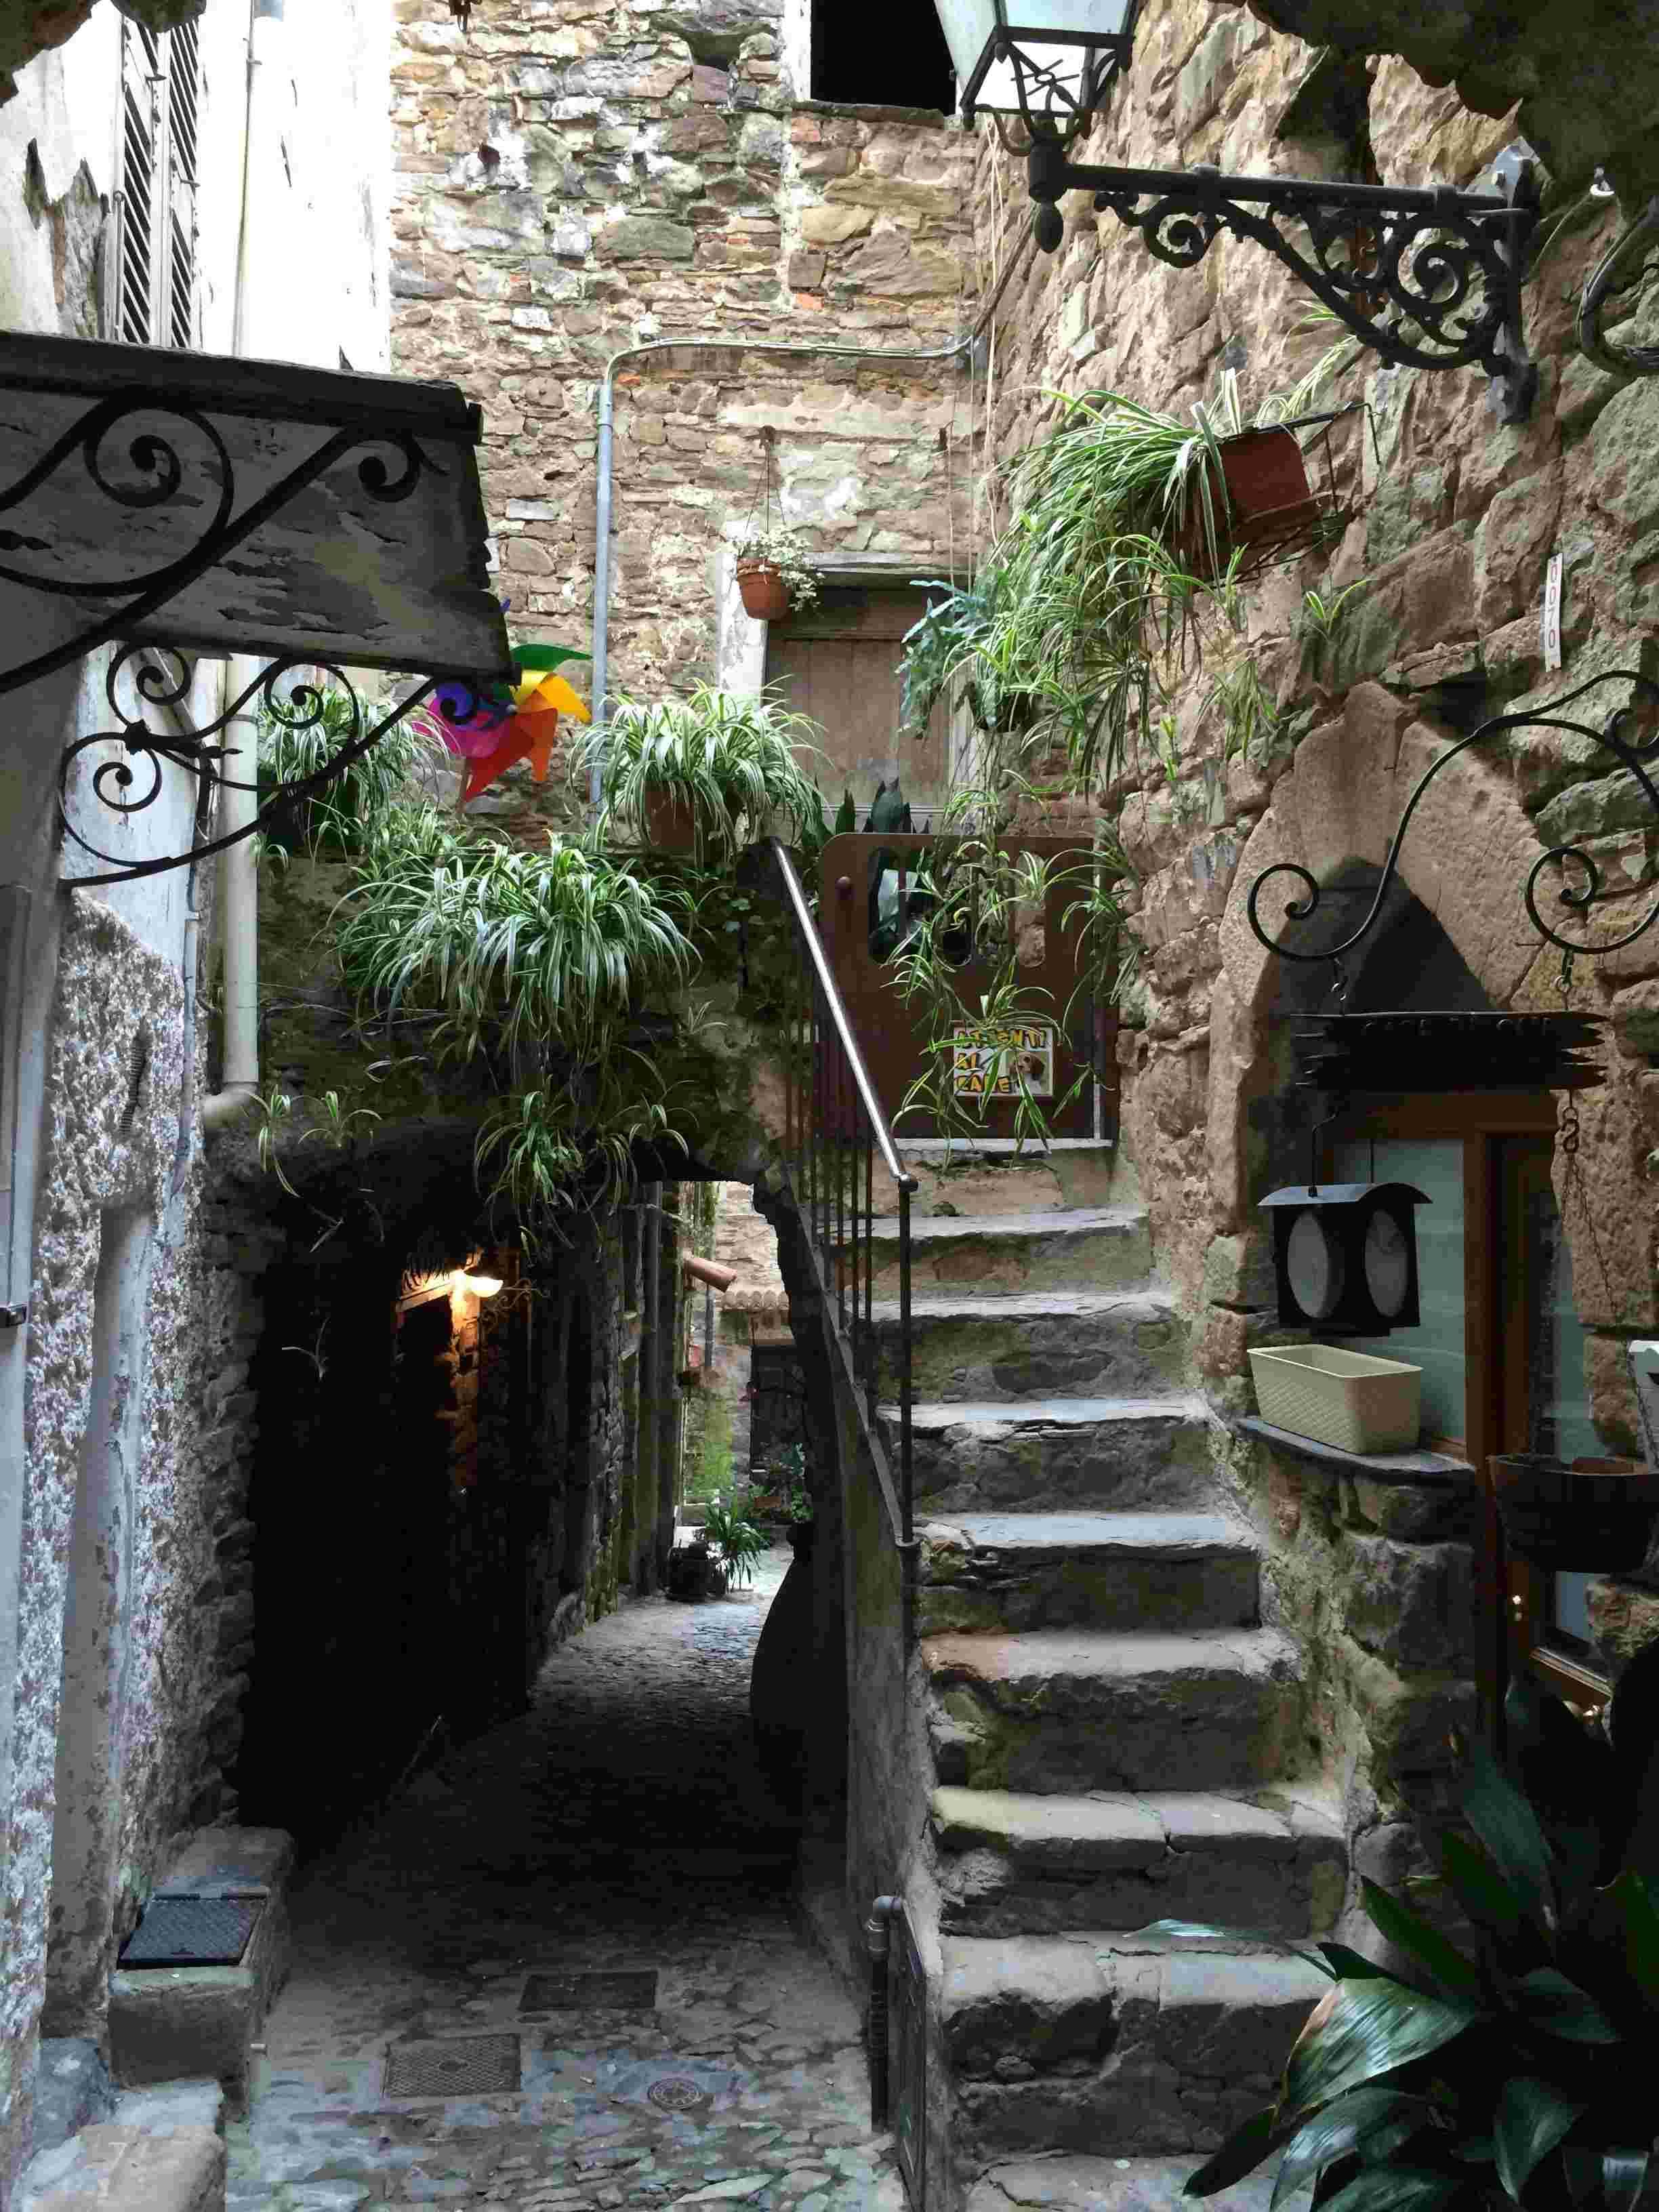 Apricale, le plus beau village d'Italie Aprica29